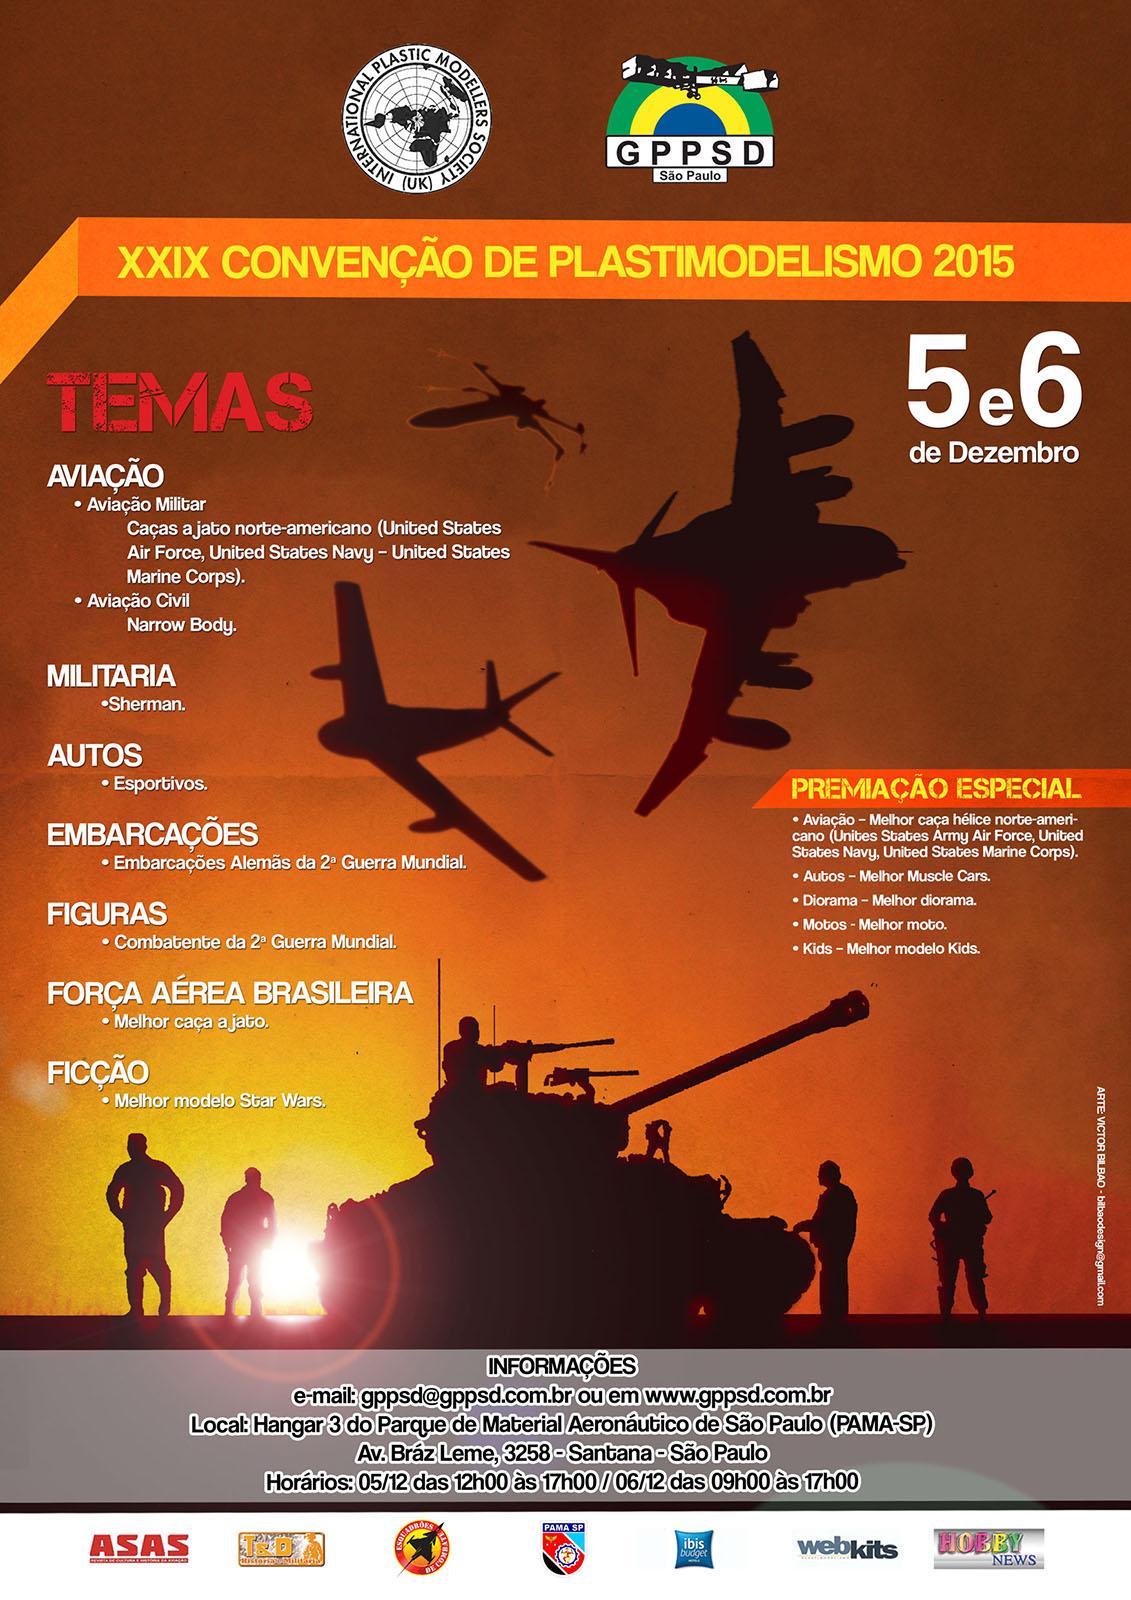 29ª Convenção de Plastimodelismo do GPPSD – 2015